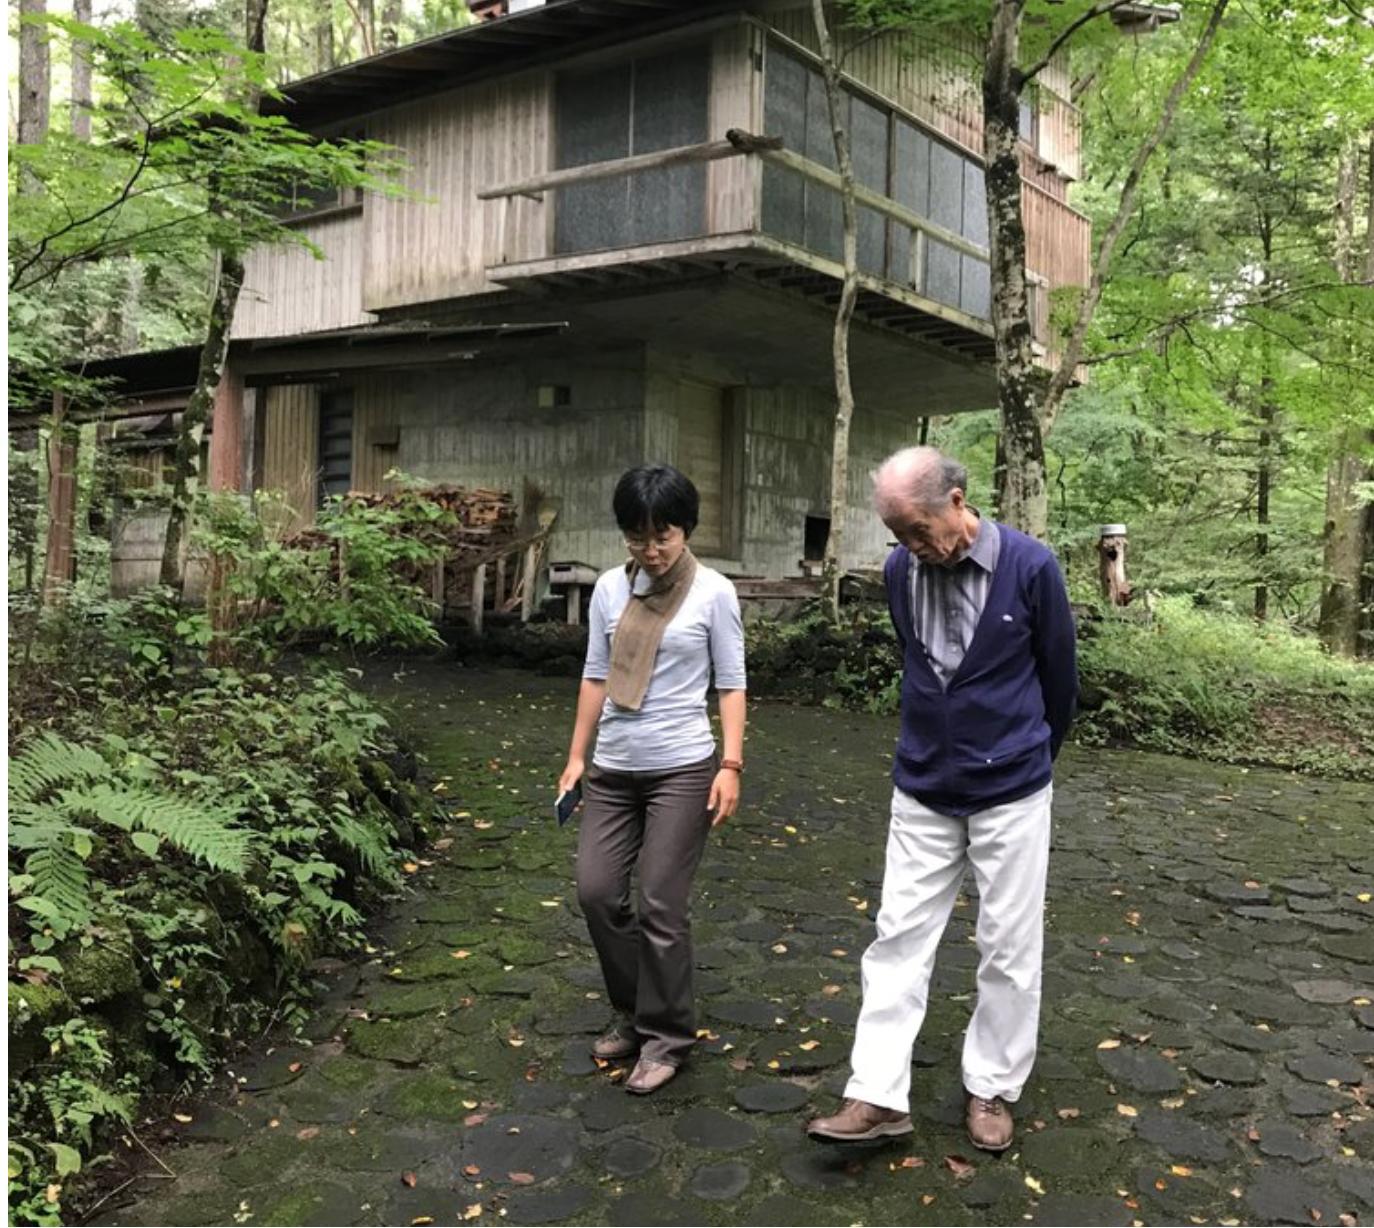 Maki Utsunomiya - Architect & ScholarResident Scholar